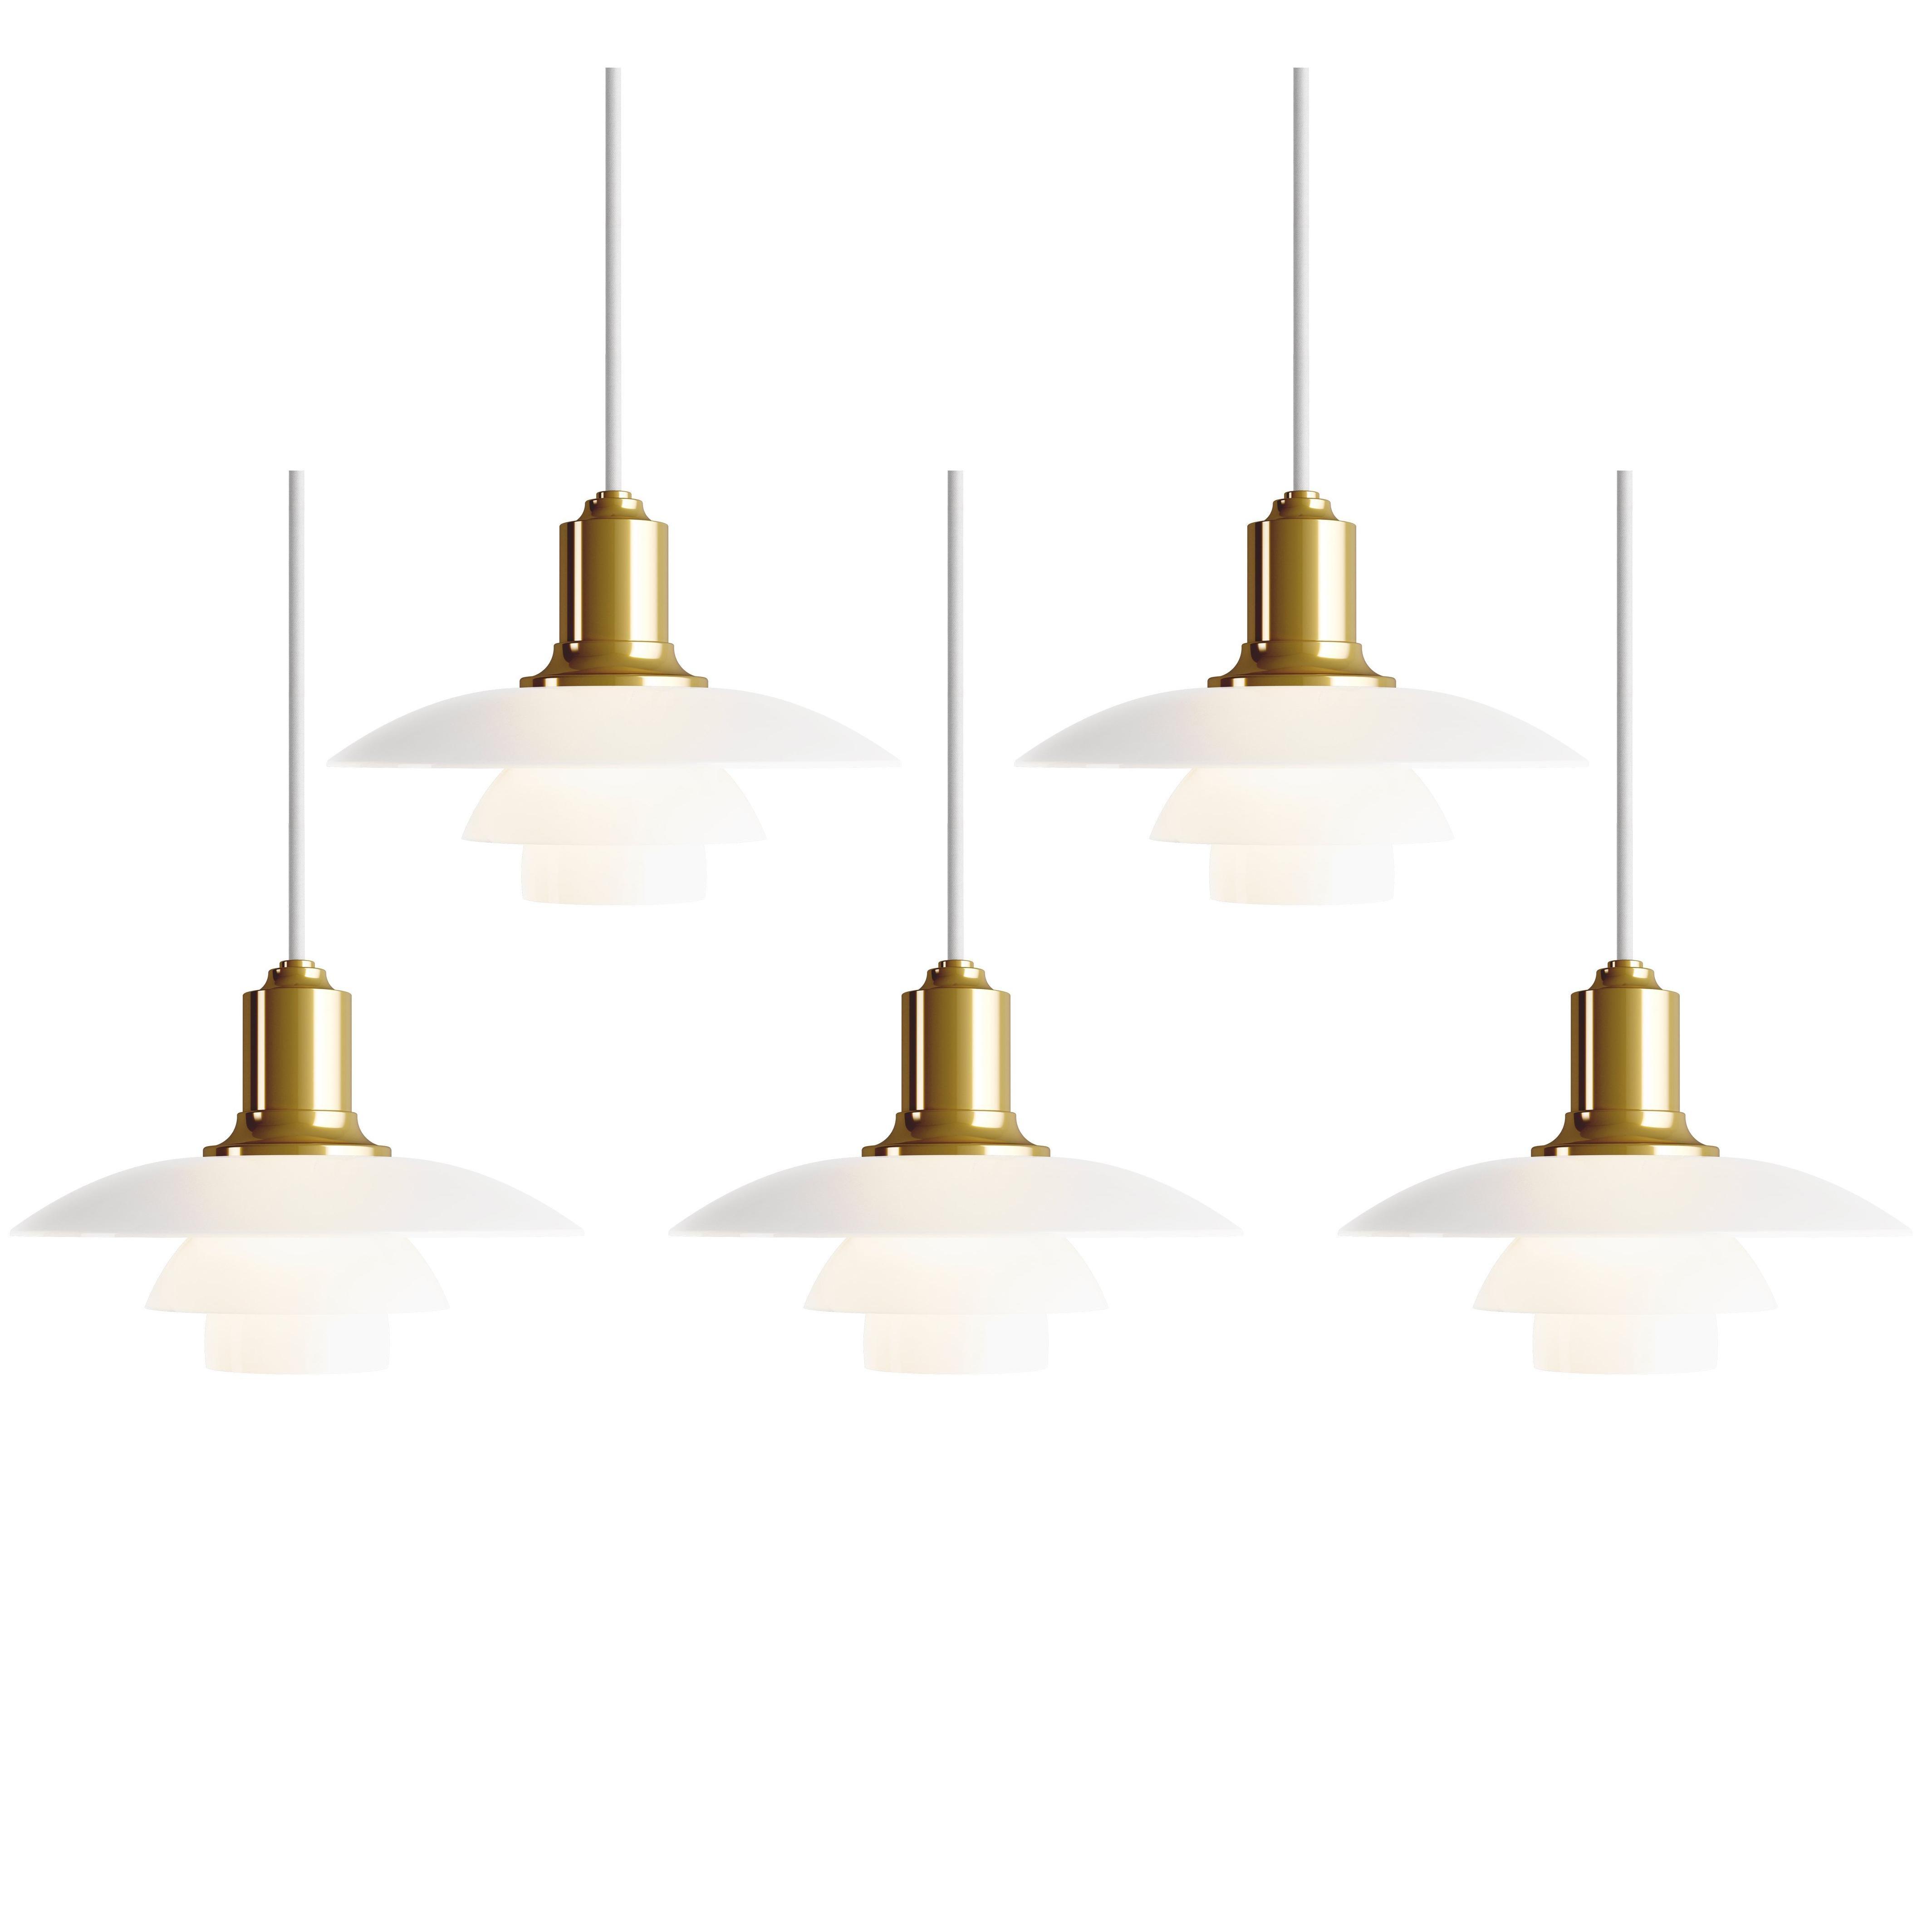 Poul Henningsen PH 2/1 Brass & Glass Pendant for Louis Poulsen